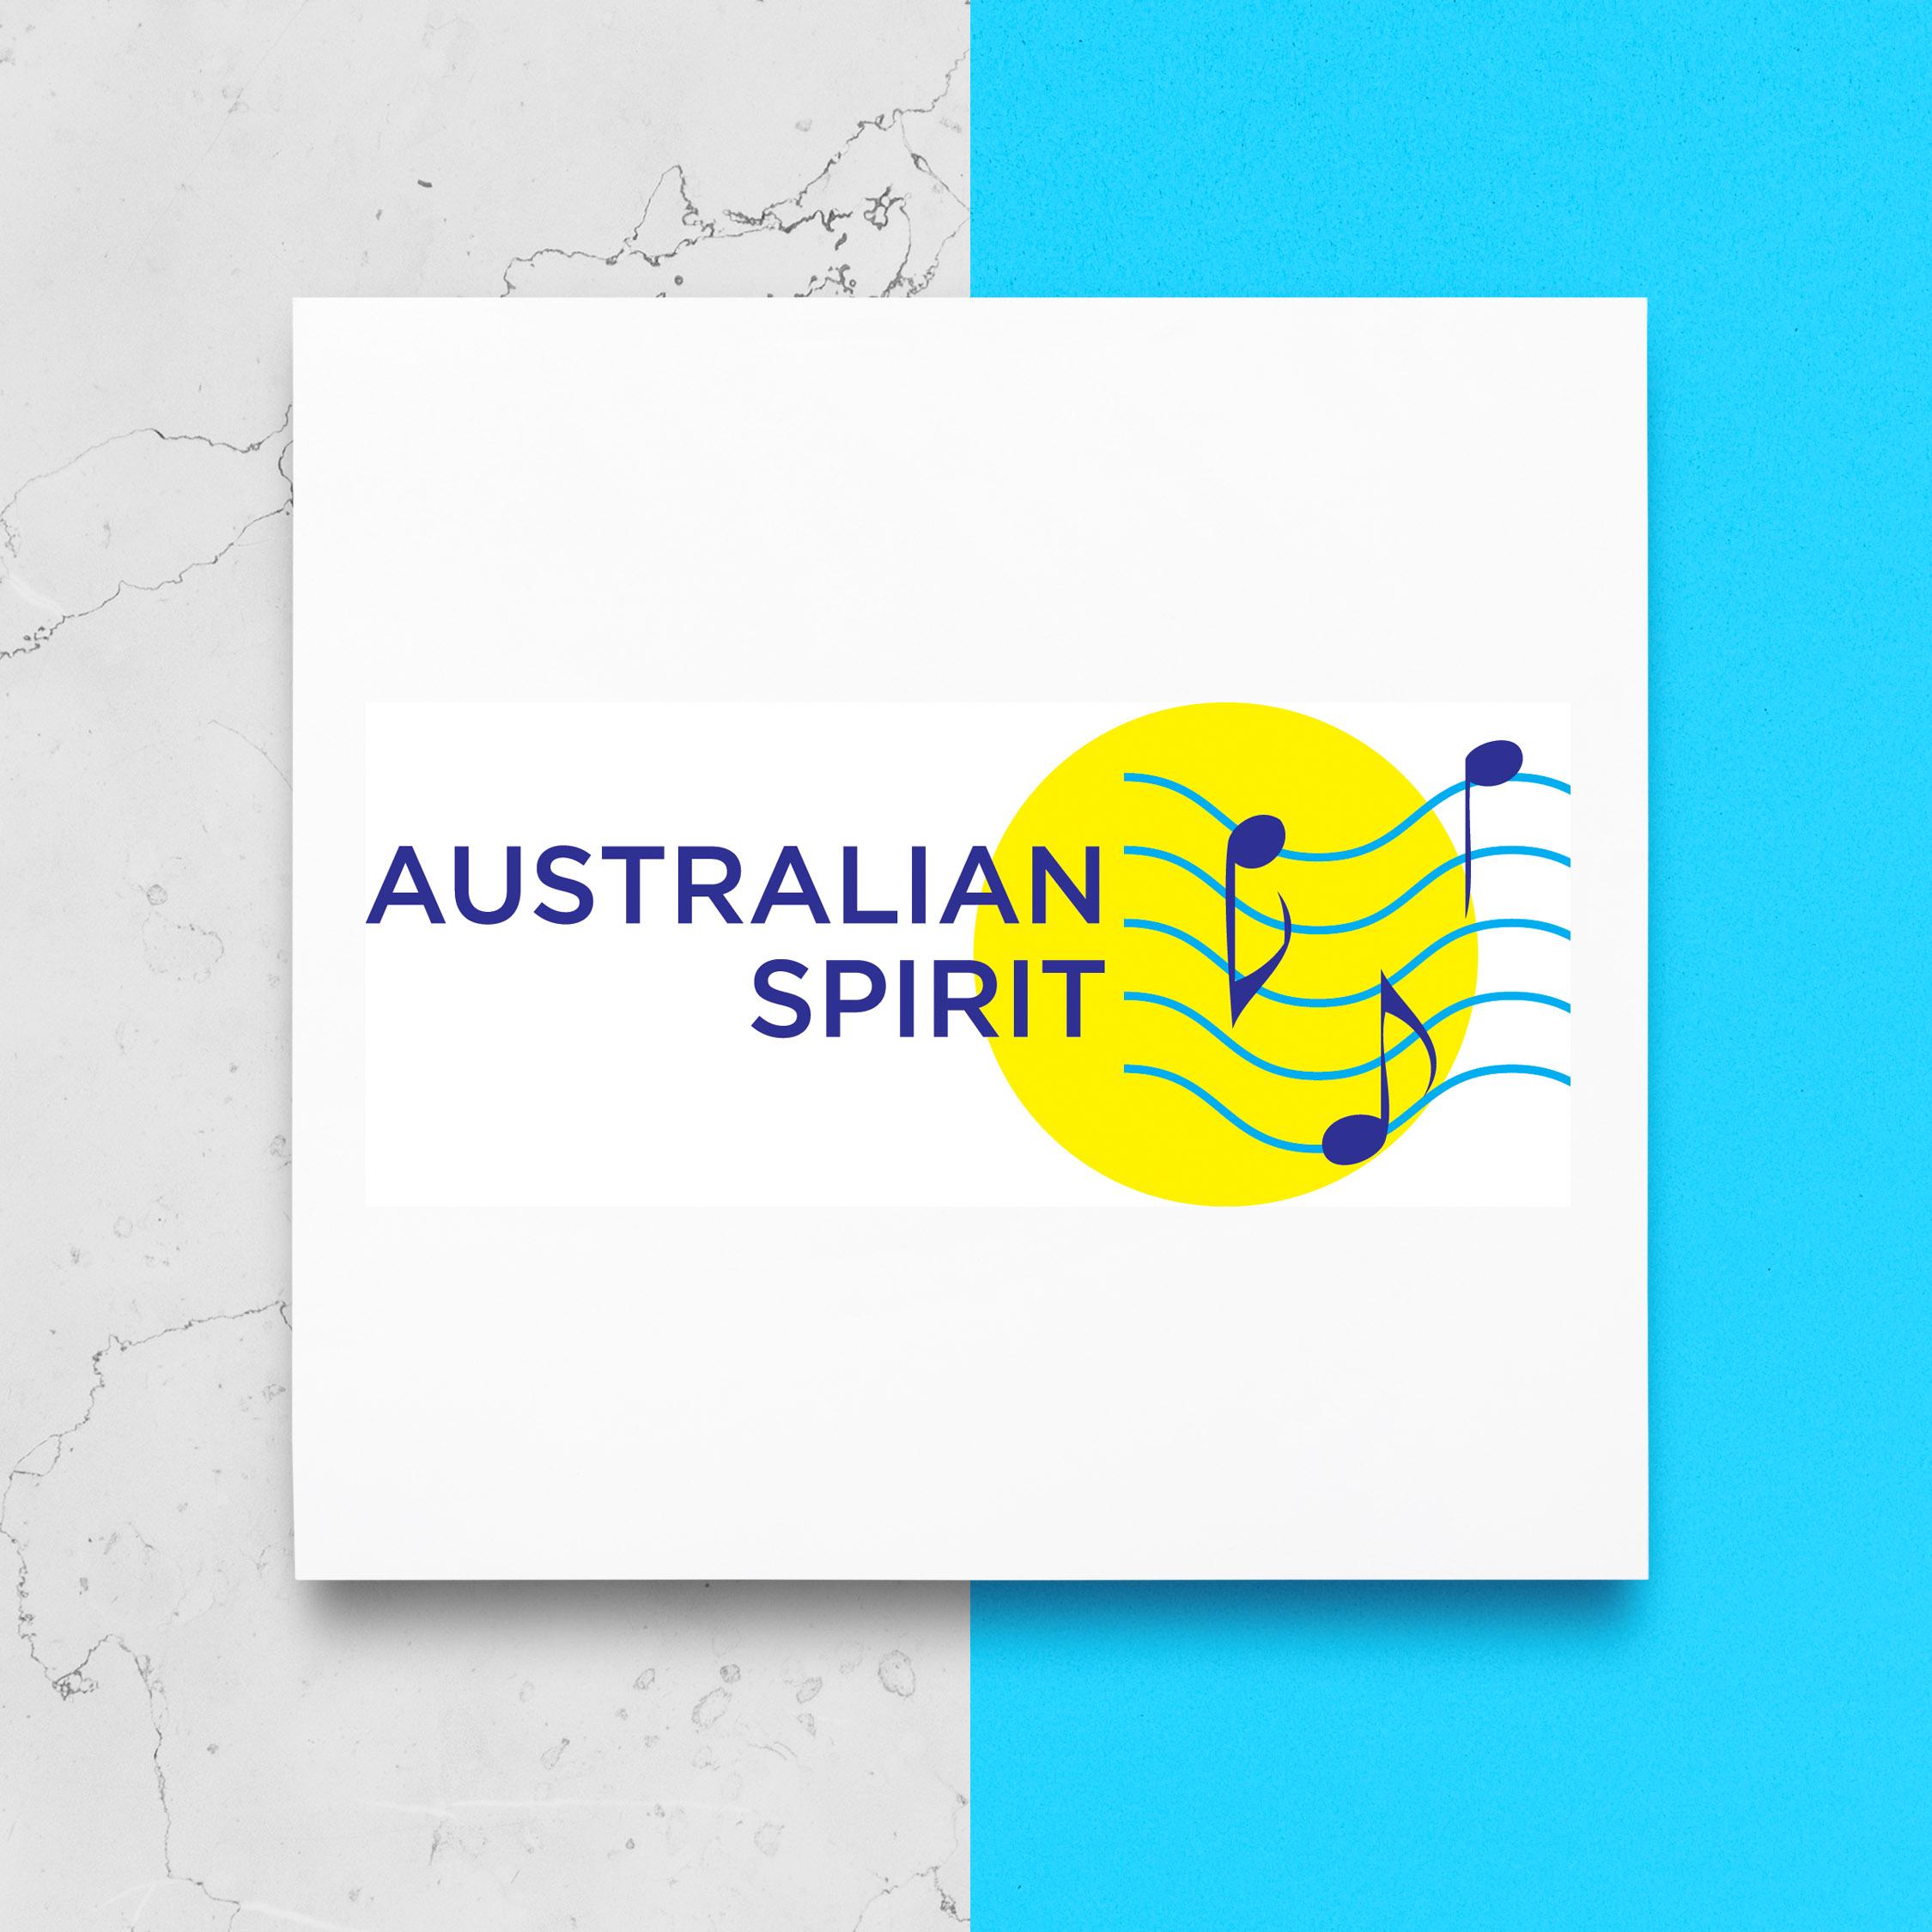 Australian Spirit Logo Design